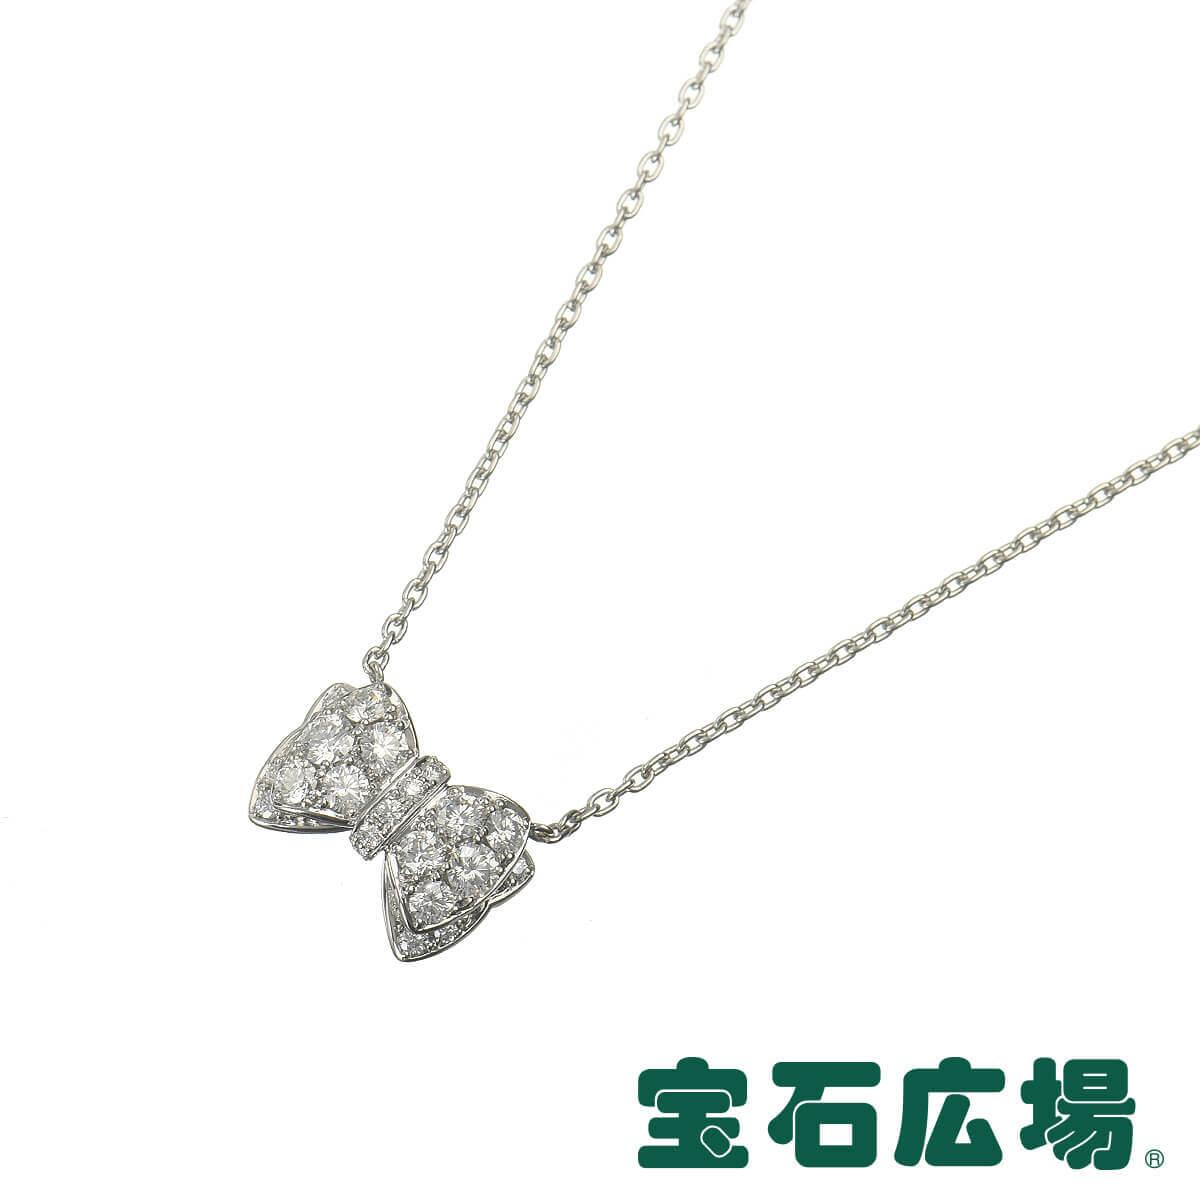 ギメル リボン ダイヤ ネックレス GN006PD【中古】 ジュエリー 送料無料